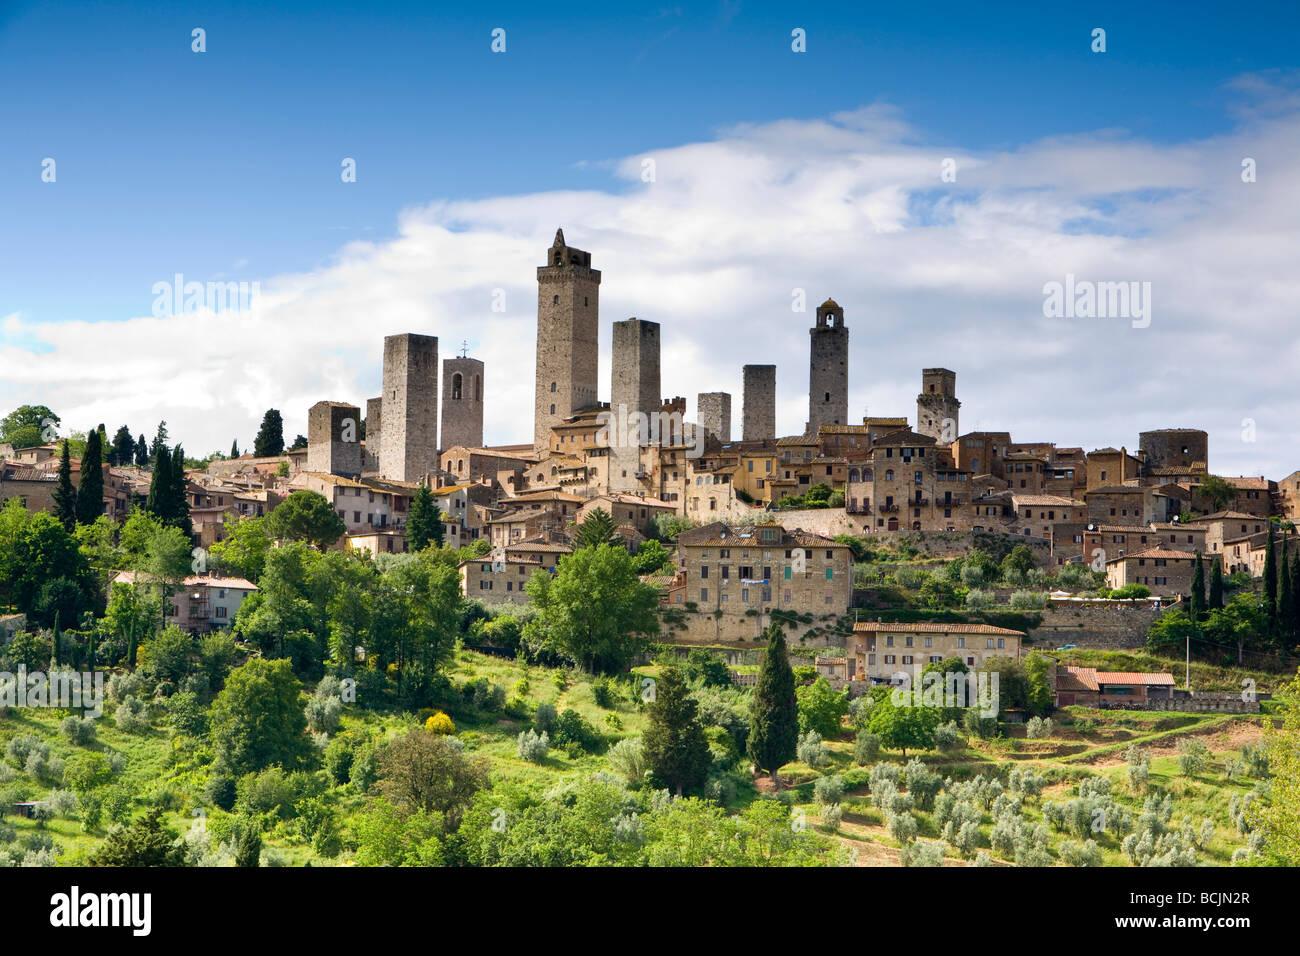 San Gimignano, Tuscany, Italy, RF - Stock Image